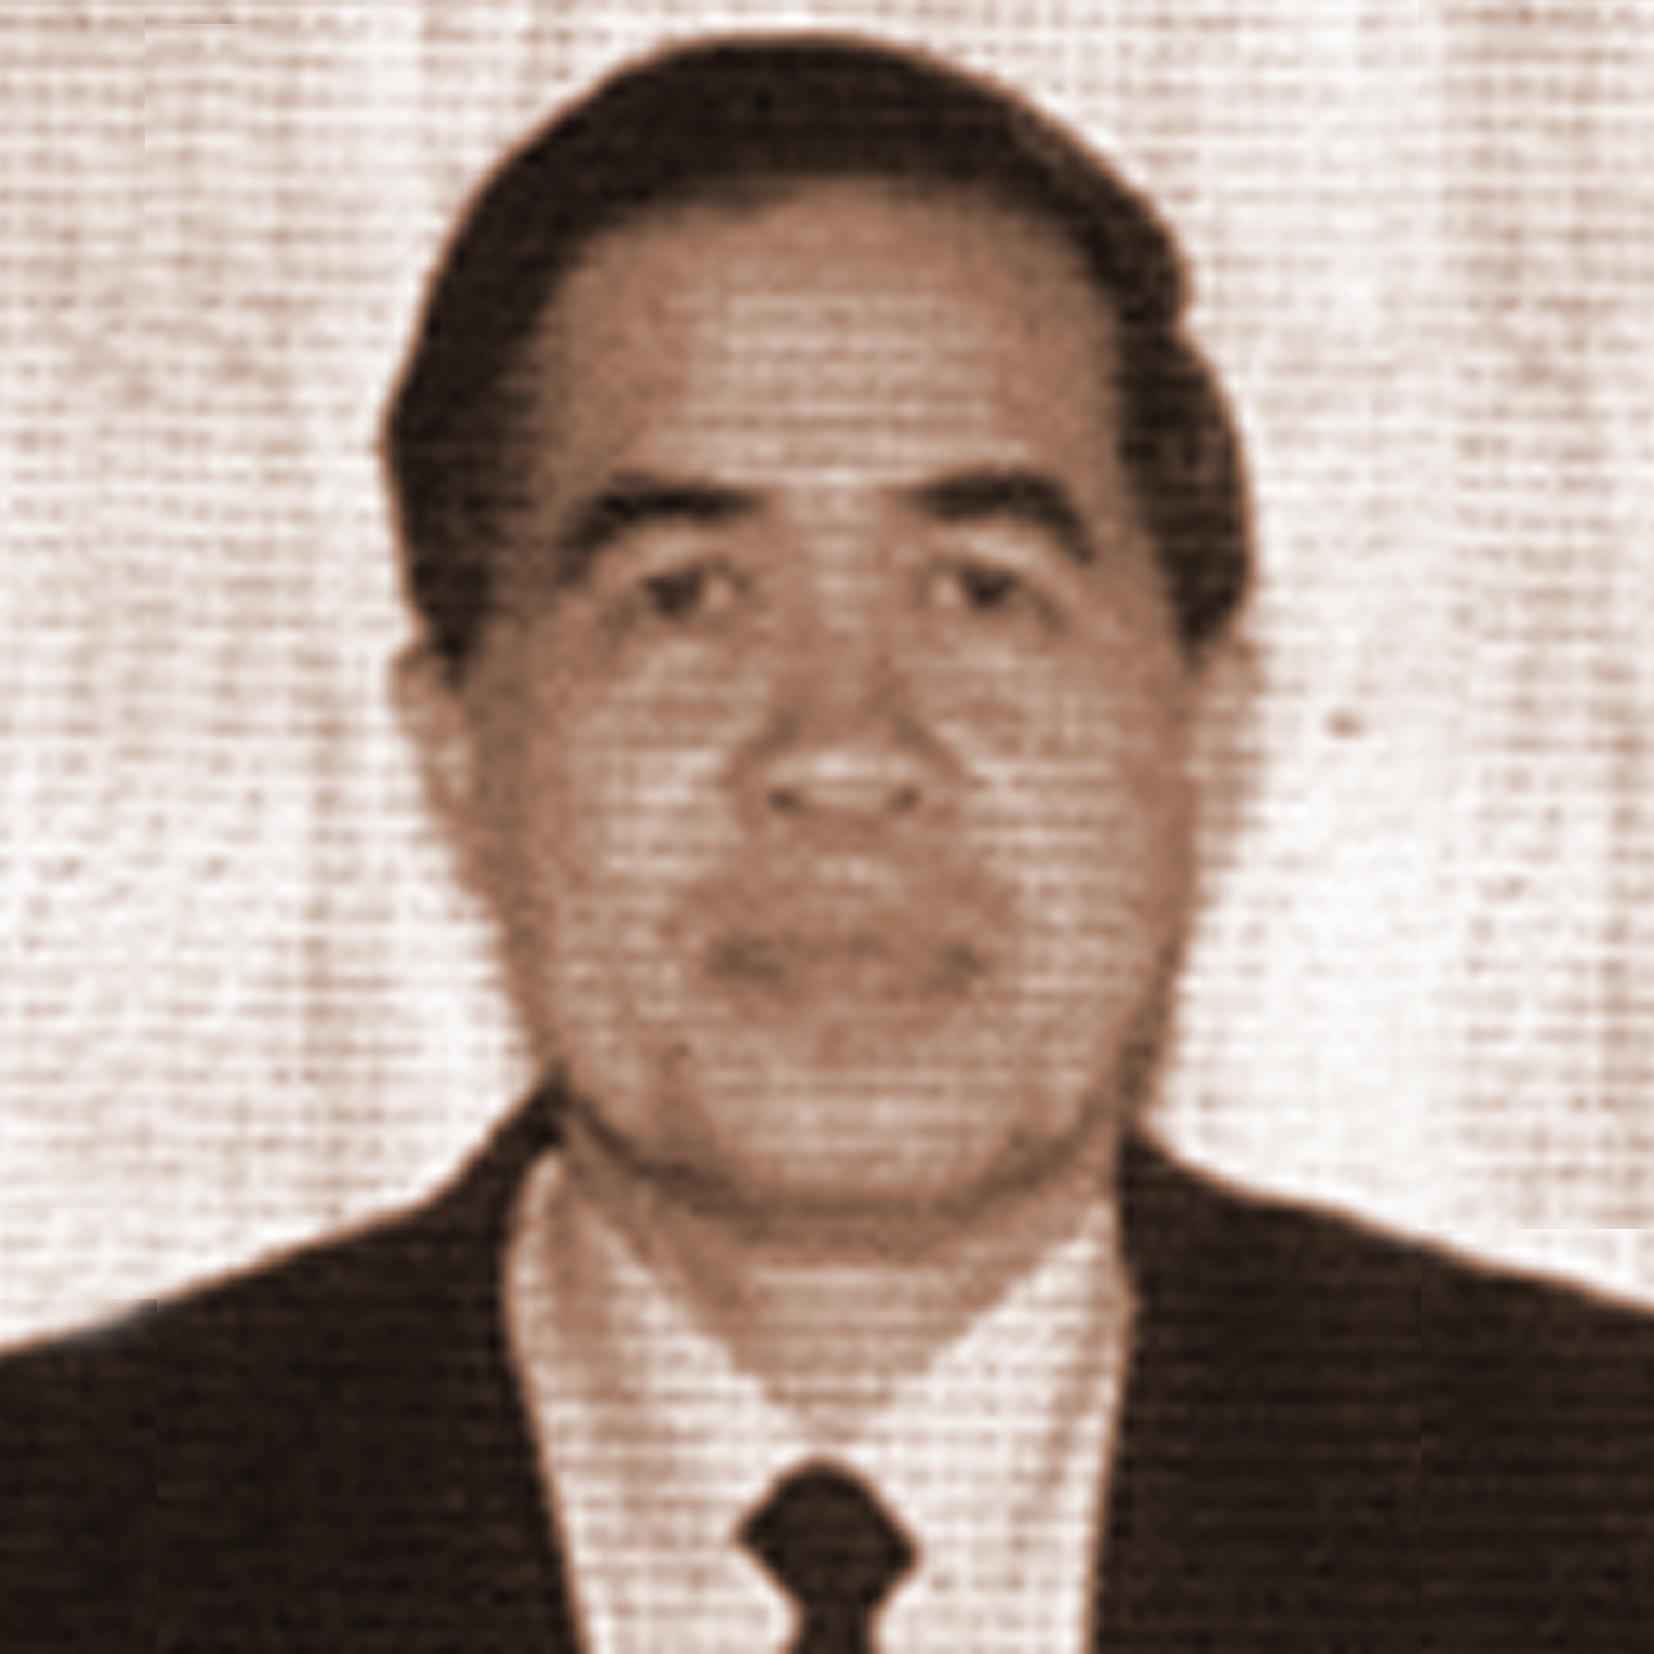 ผู้ช่วยศาสตราจารย์ ดร.ชวลิต พุทธวงศ์